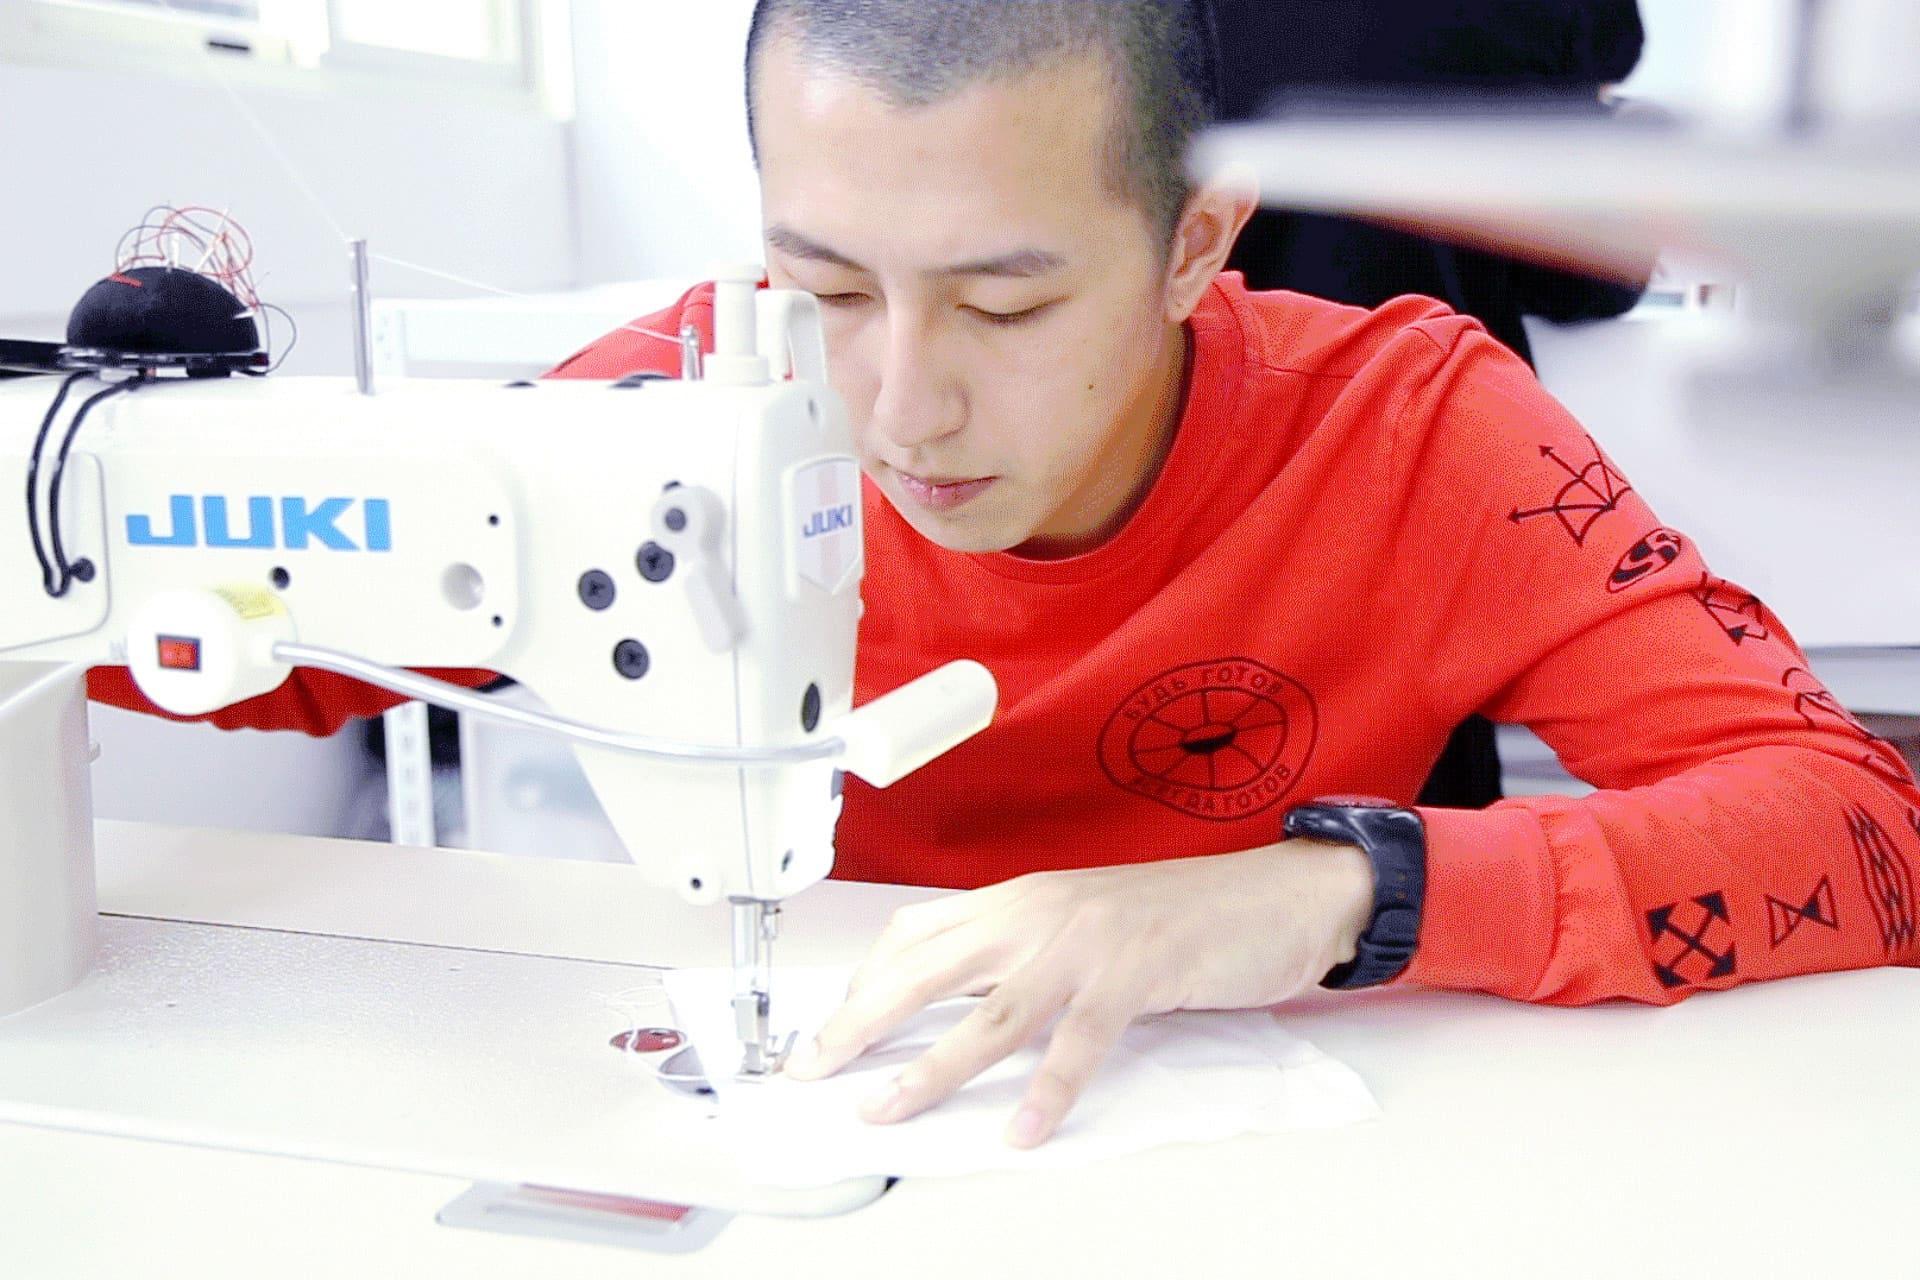 """""""服裝設計師的一天-江奕勳專訪-三十歲前就是一個階段,要先做自己想做的事"""""""